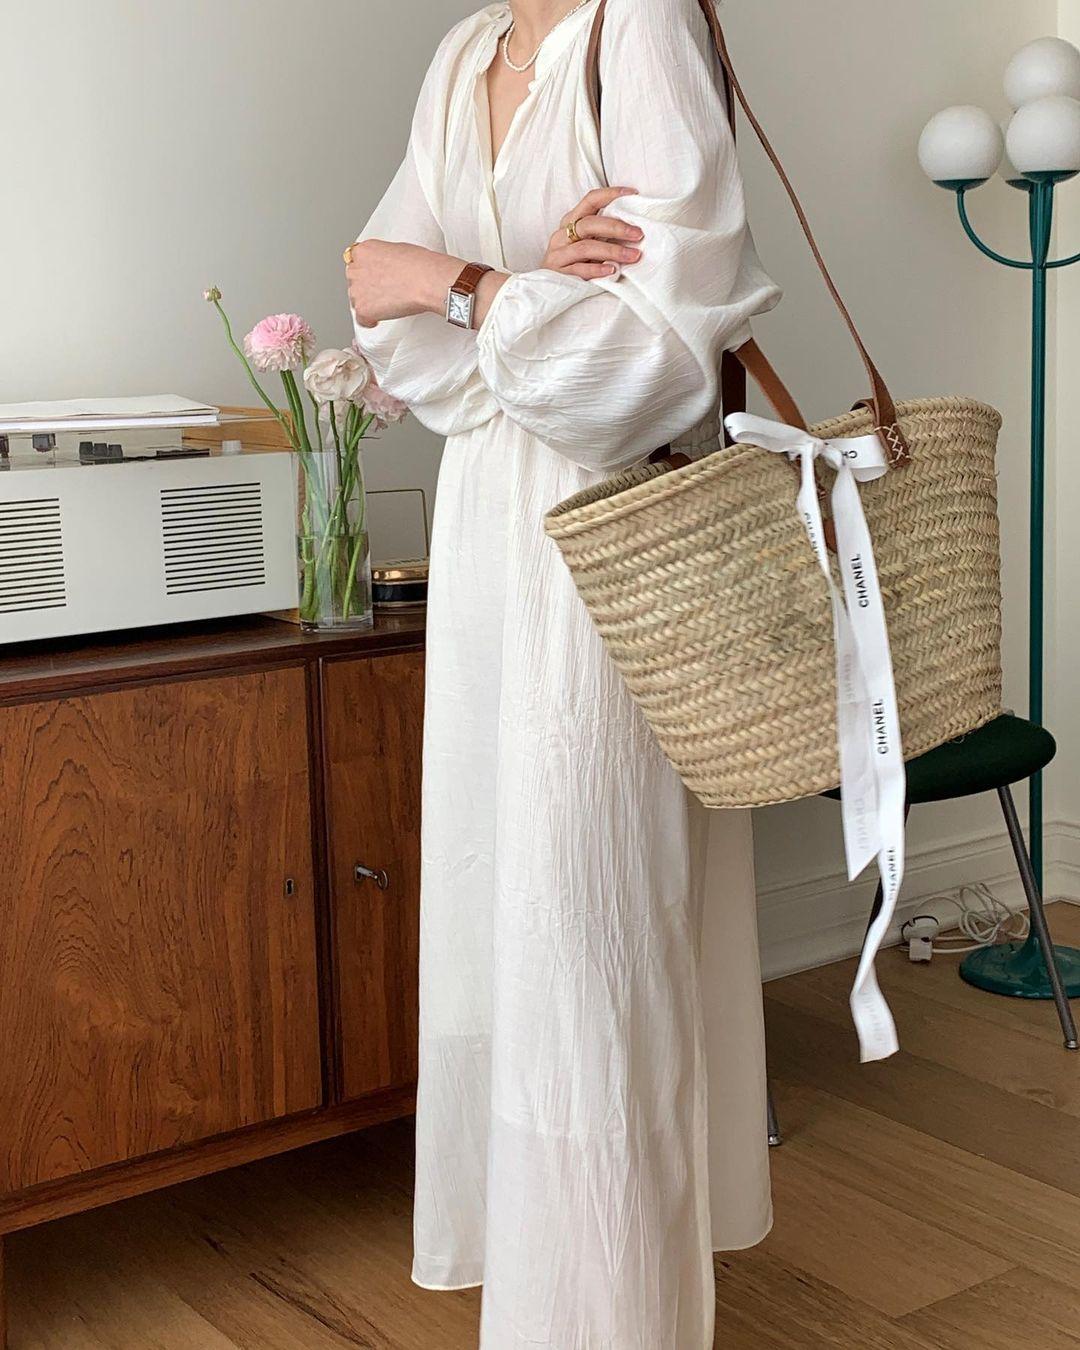 Hè đến là gái Hàn lại diện đủ kiểu váy trắng siêu trẻ xinh và tinh tế, xem mà muốn sắm cả 'lố' về nhà - Ảnh 16